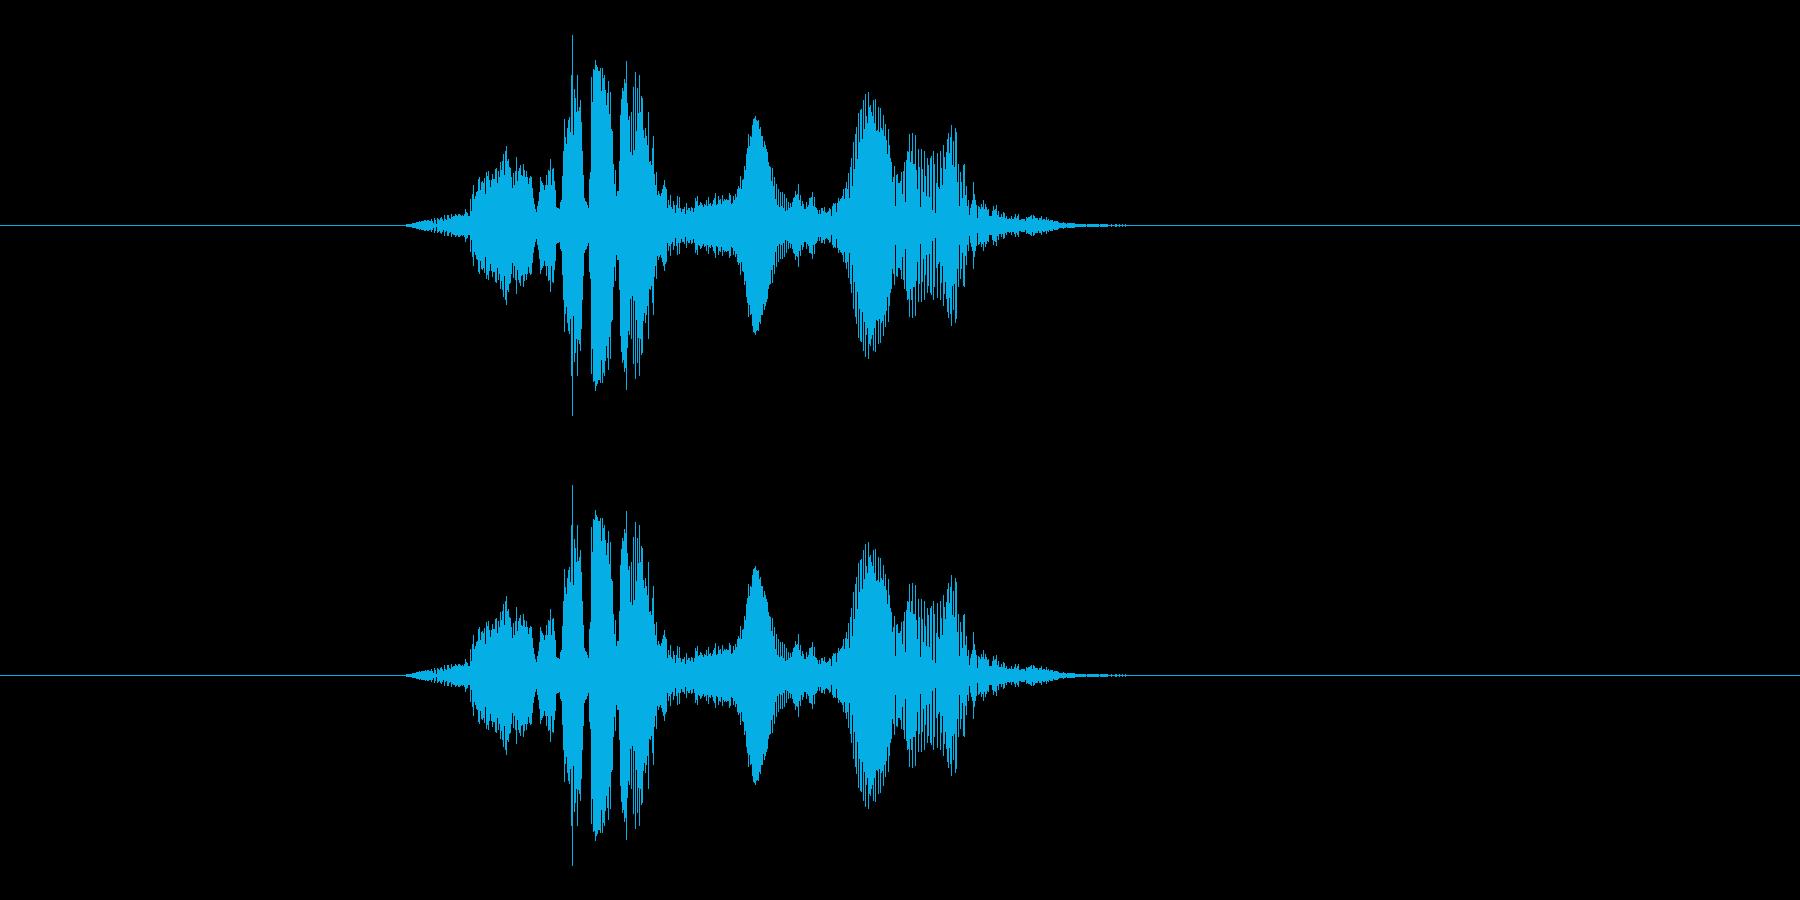 トゥレスウォァの再生済みの波形